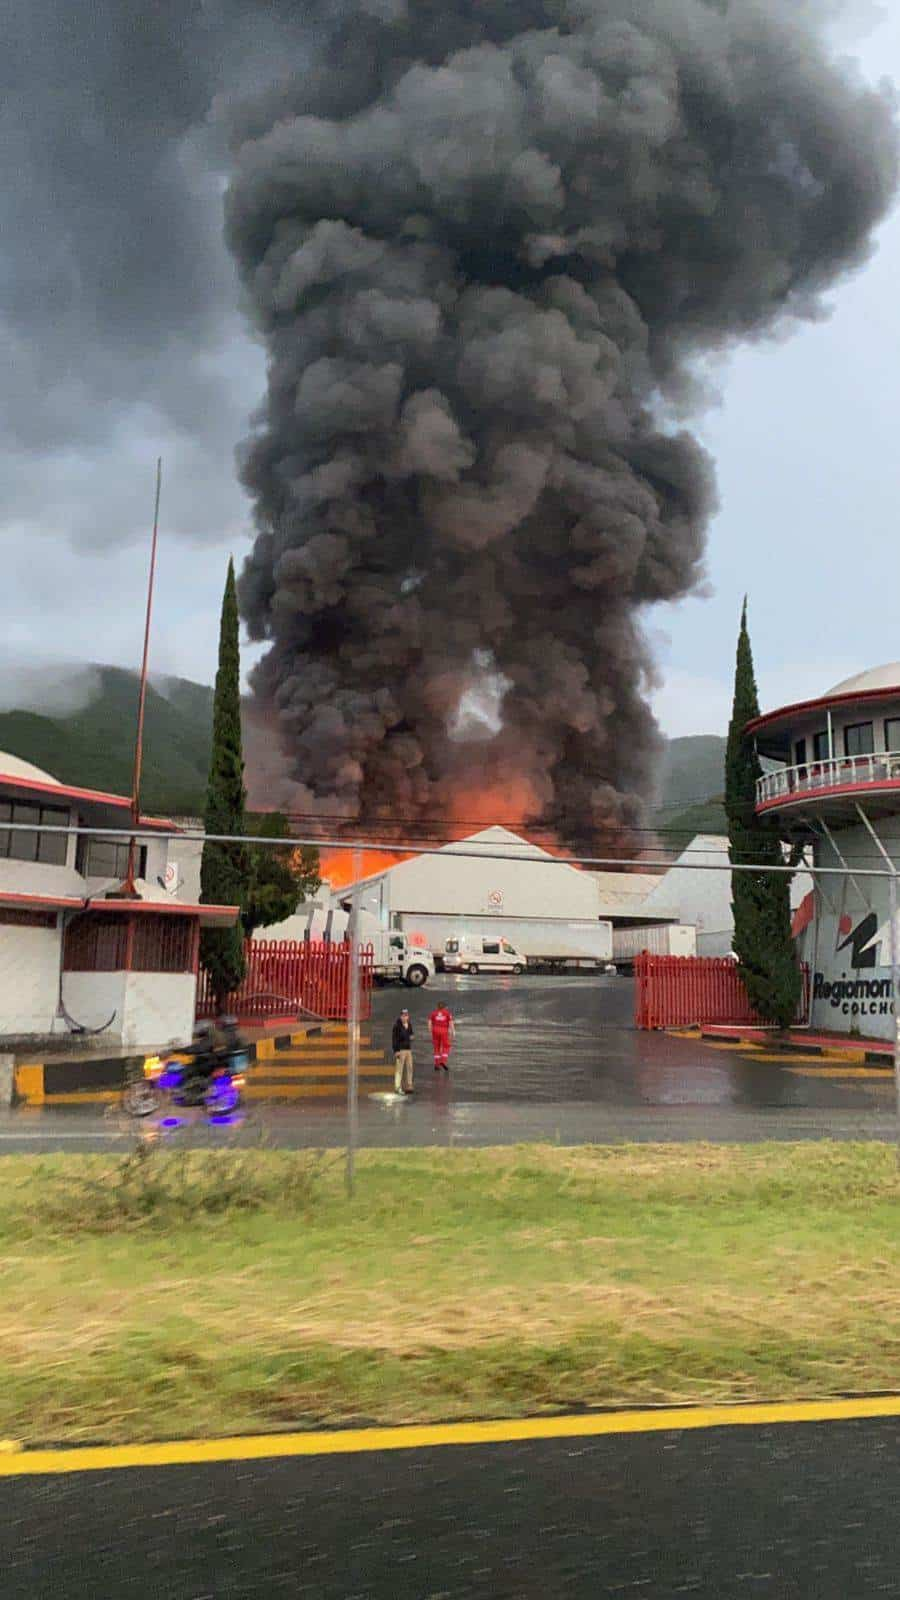 El incendio de una nave donde almacenan colchones, provocó la rápida movilización de los cuerpos de rescate